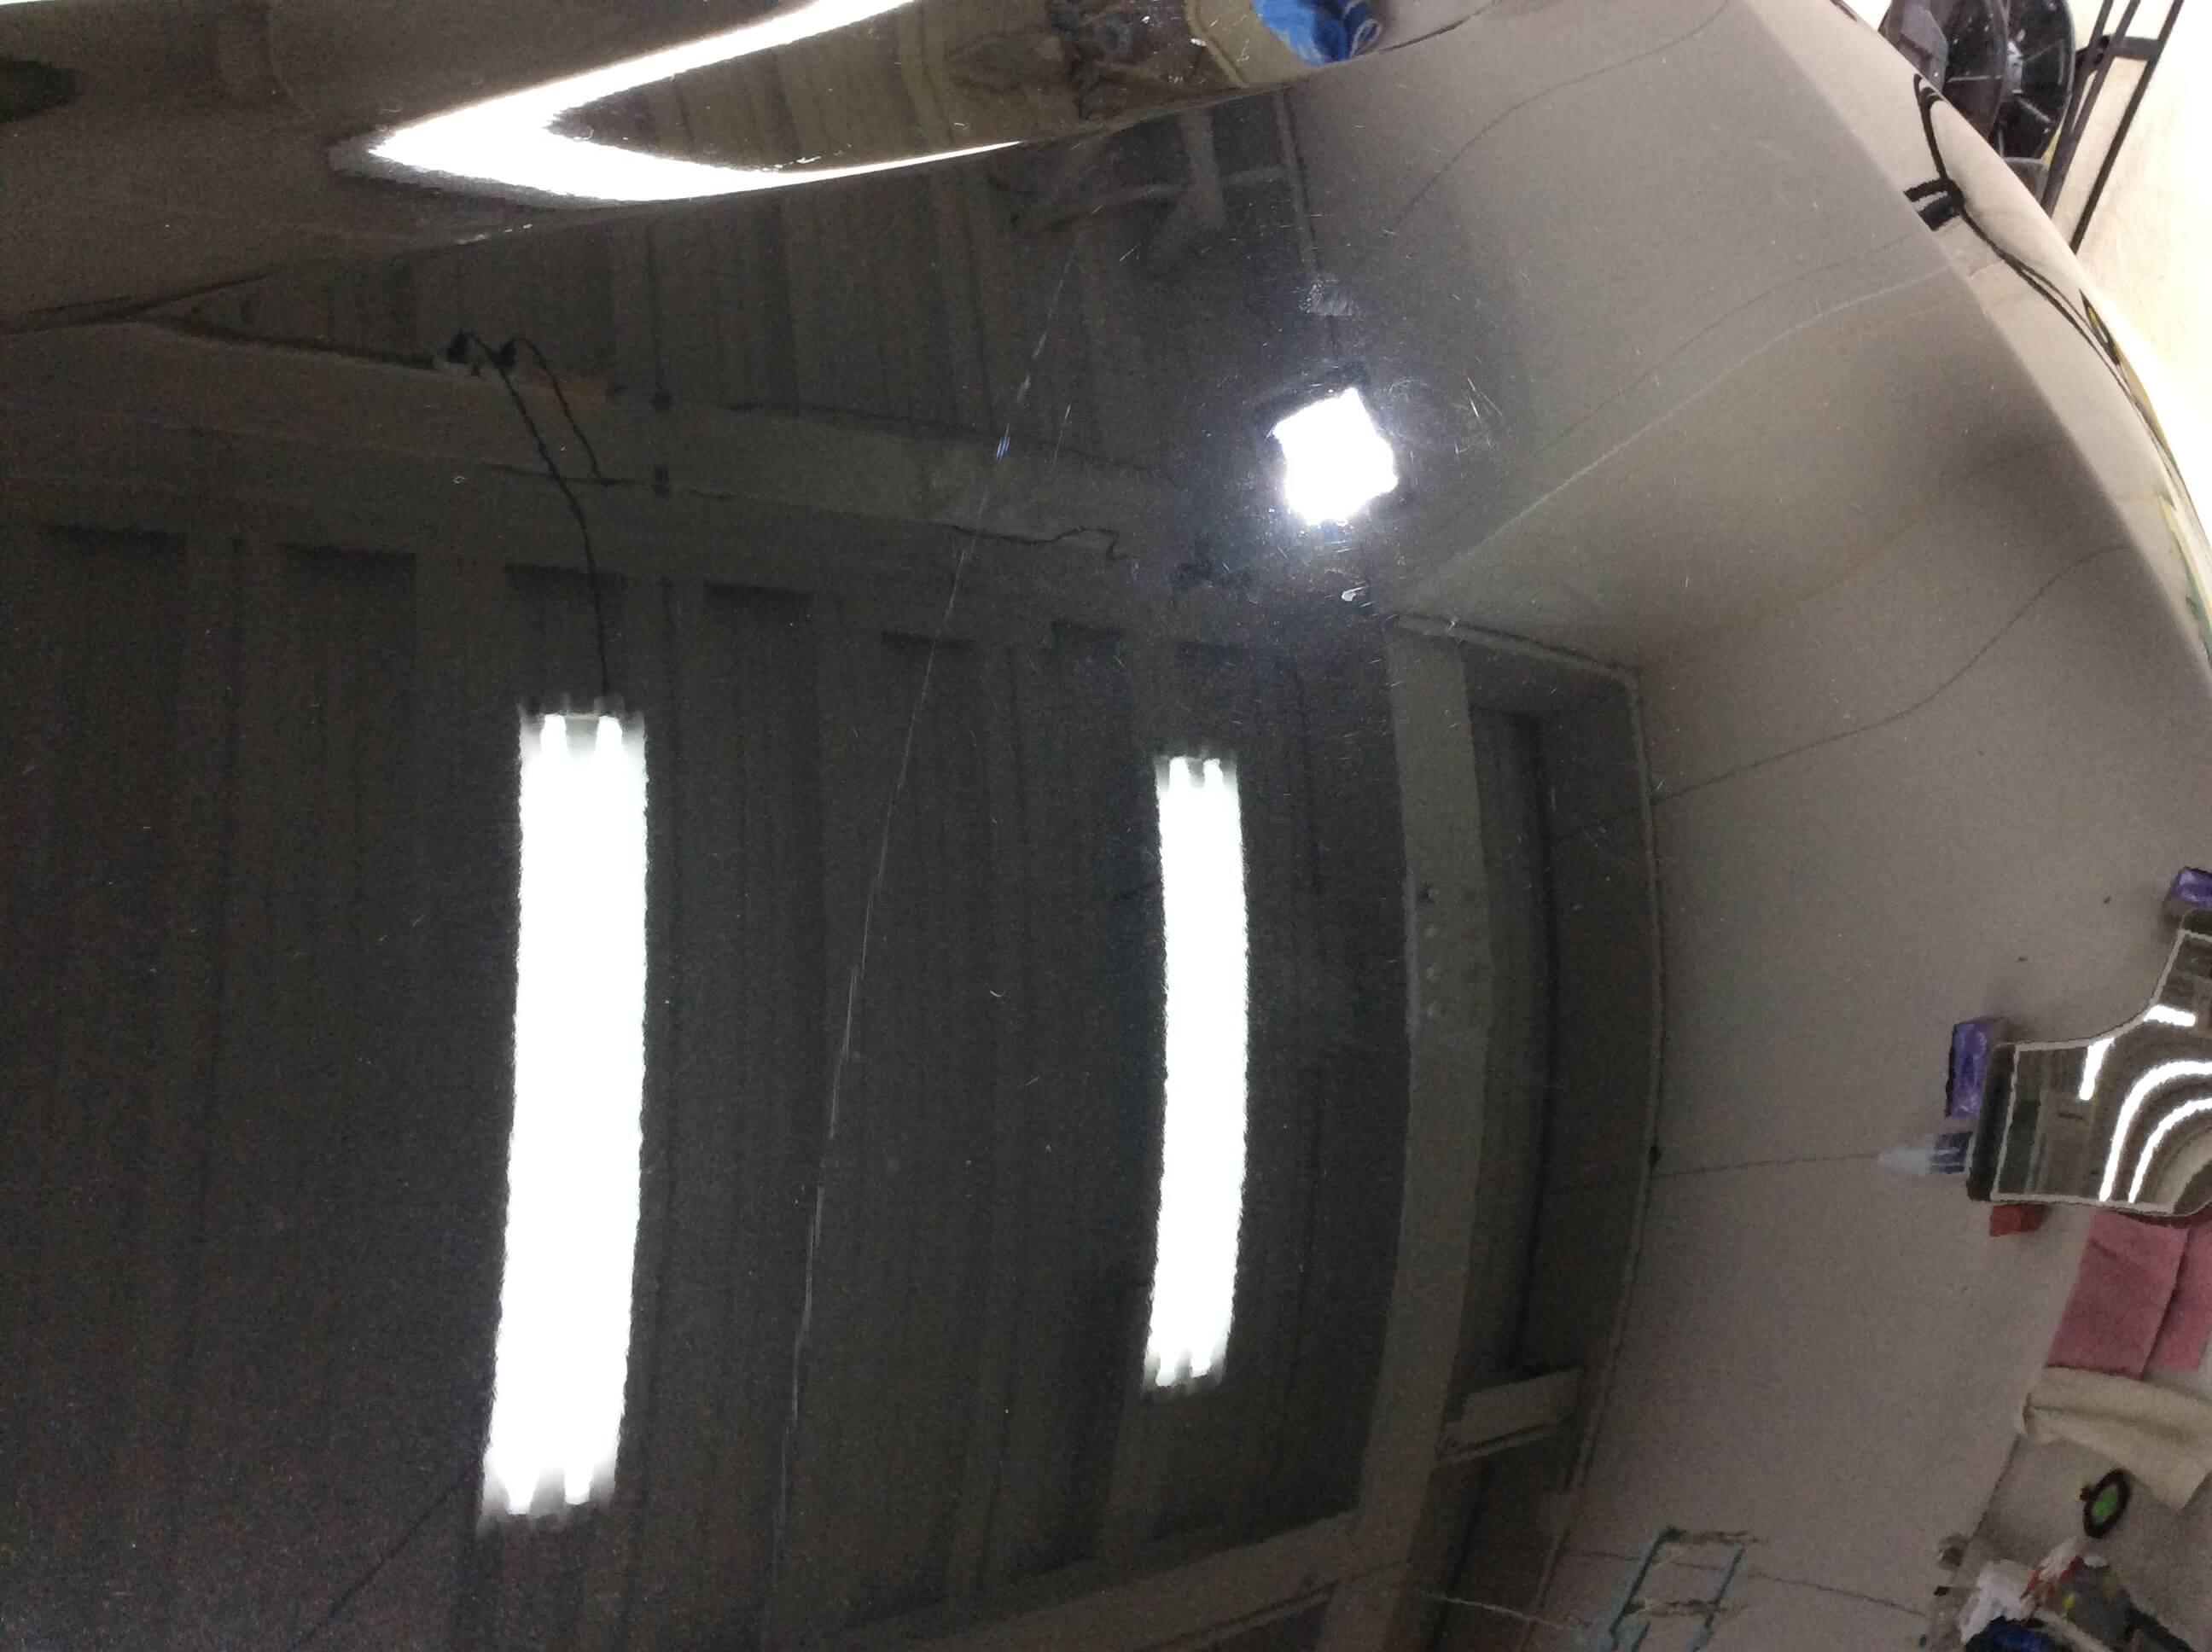 日産 セレナ ダイヤモンドブラック(スクラッチシールド)にコーティングを施工する前のボンネットの状態